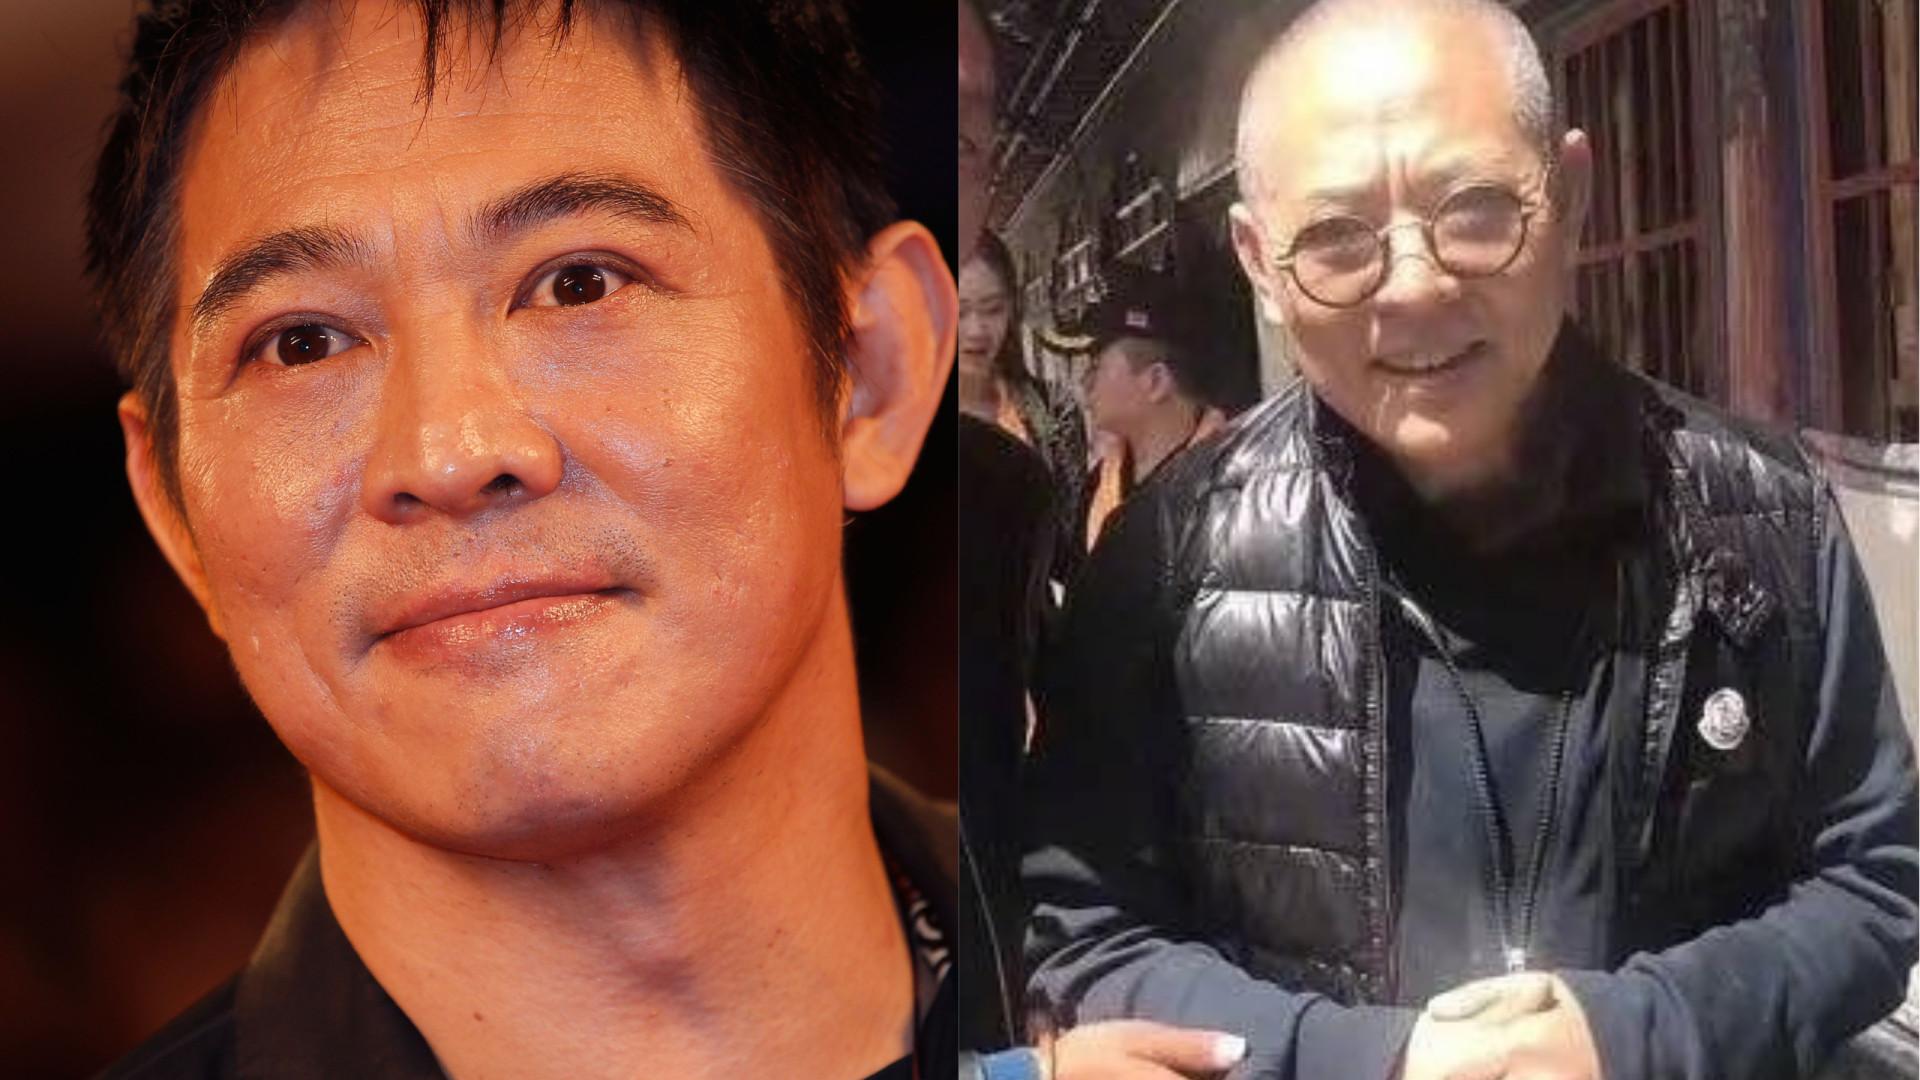 Aparência debilitada de Jet Li impressiona fãs